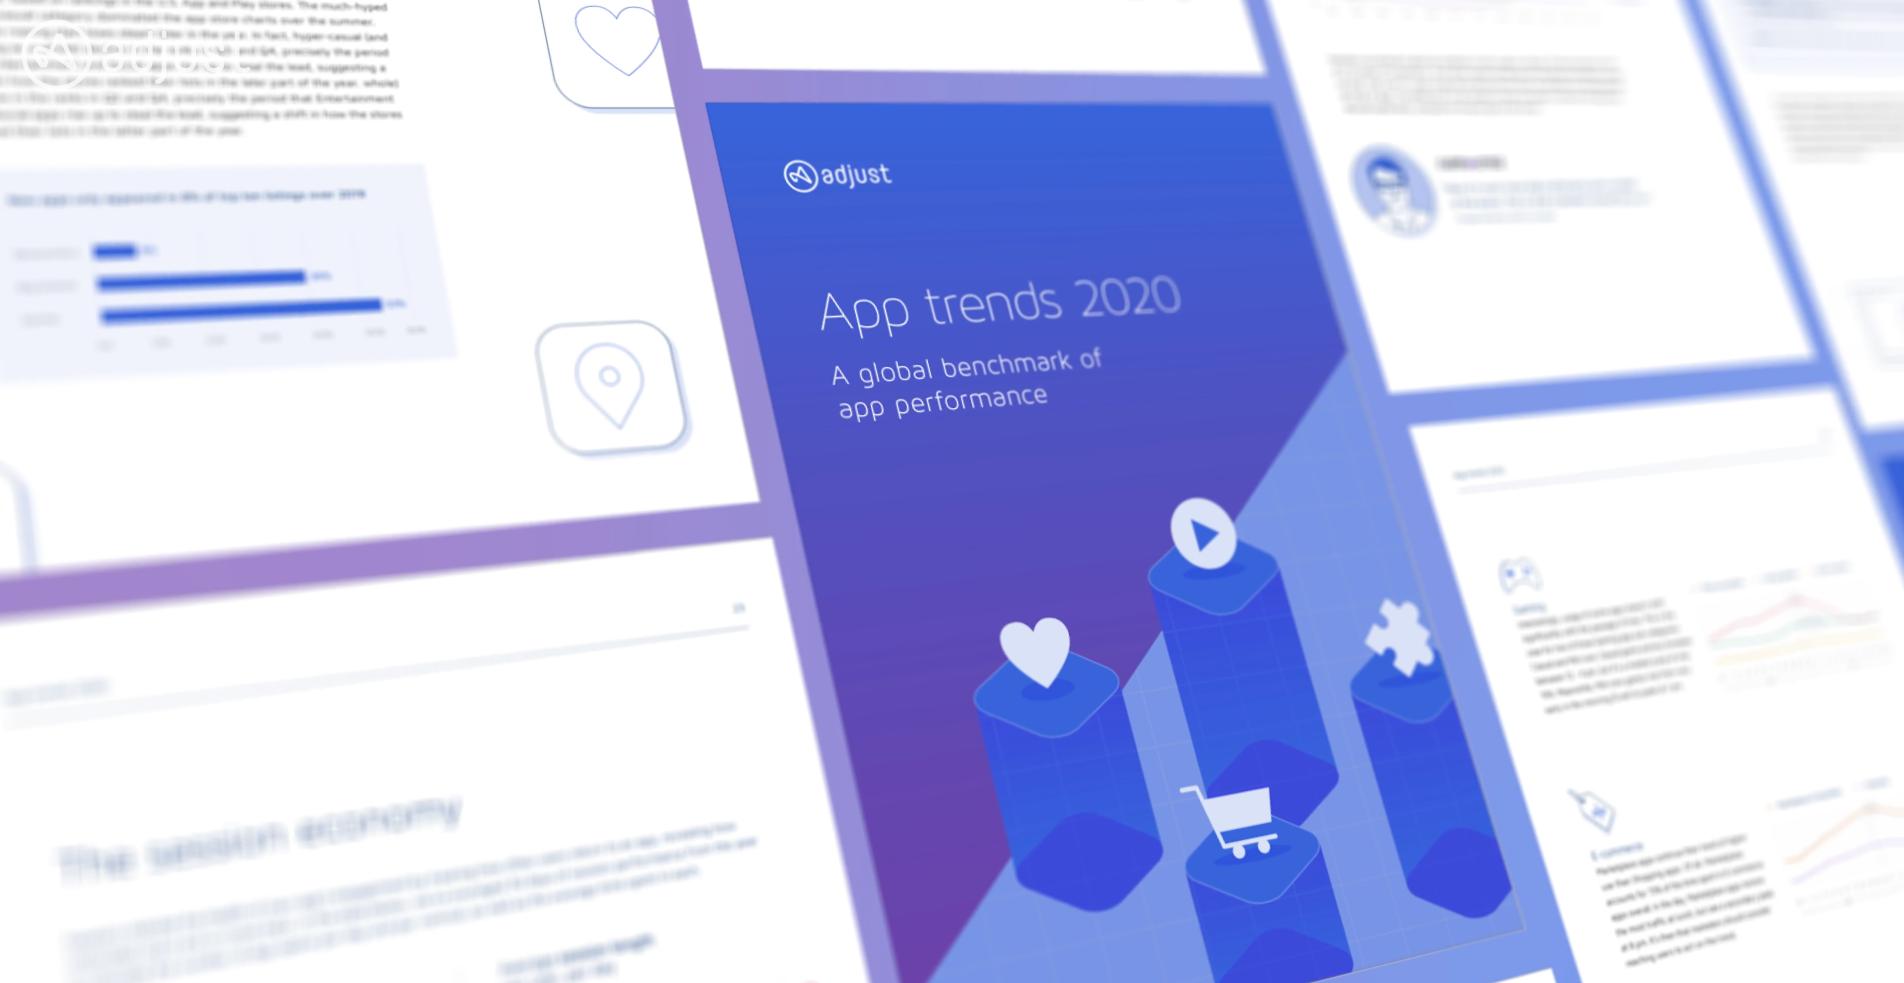 app trends 2020